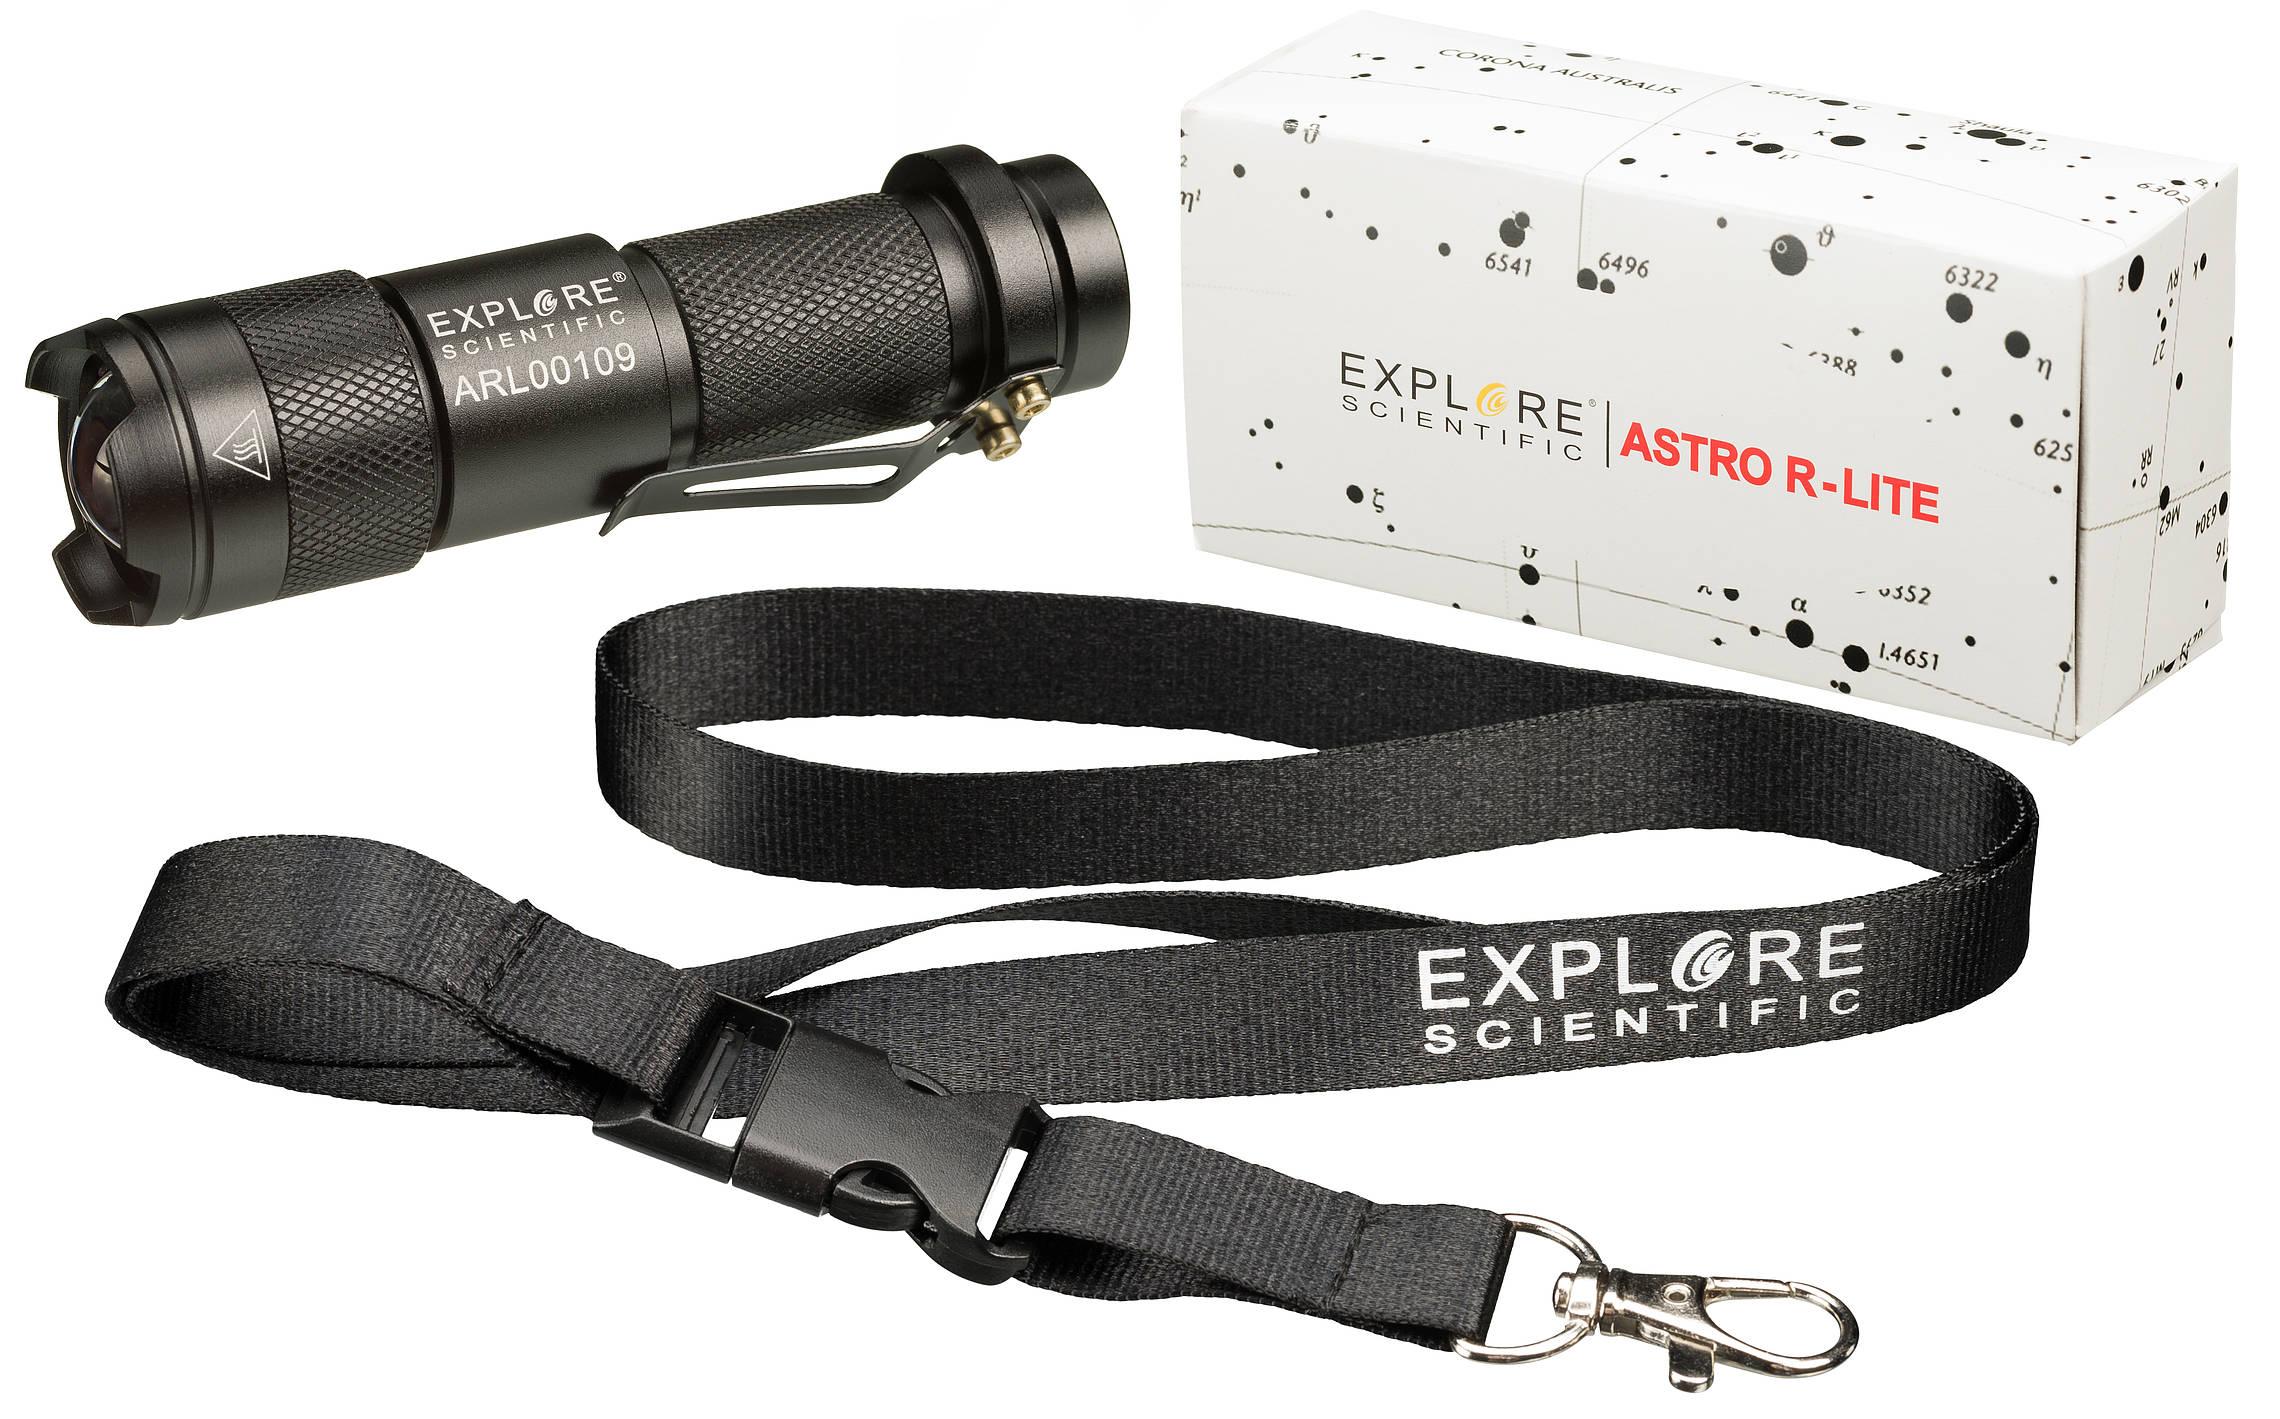 Explore Scientific ASTRO R-LITE red light Flashlight